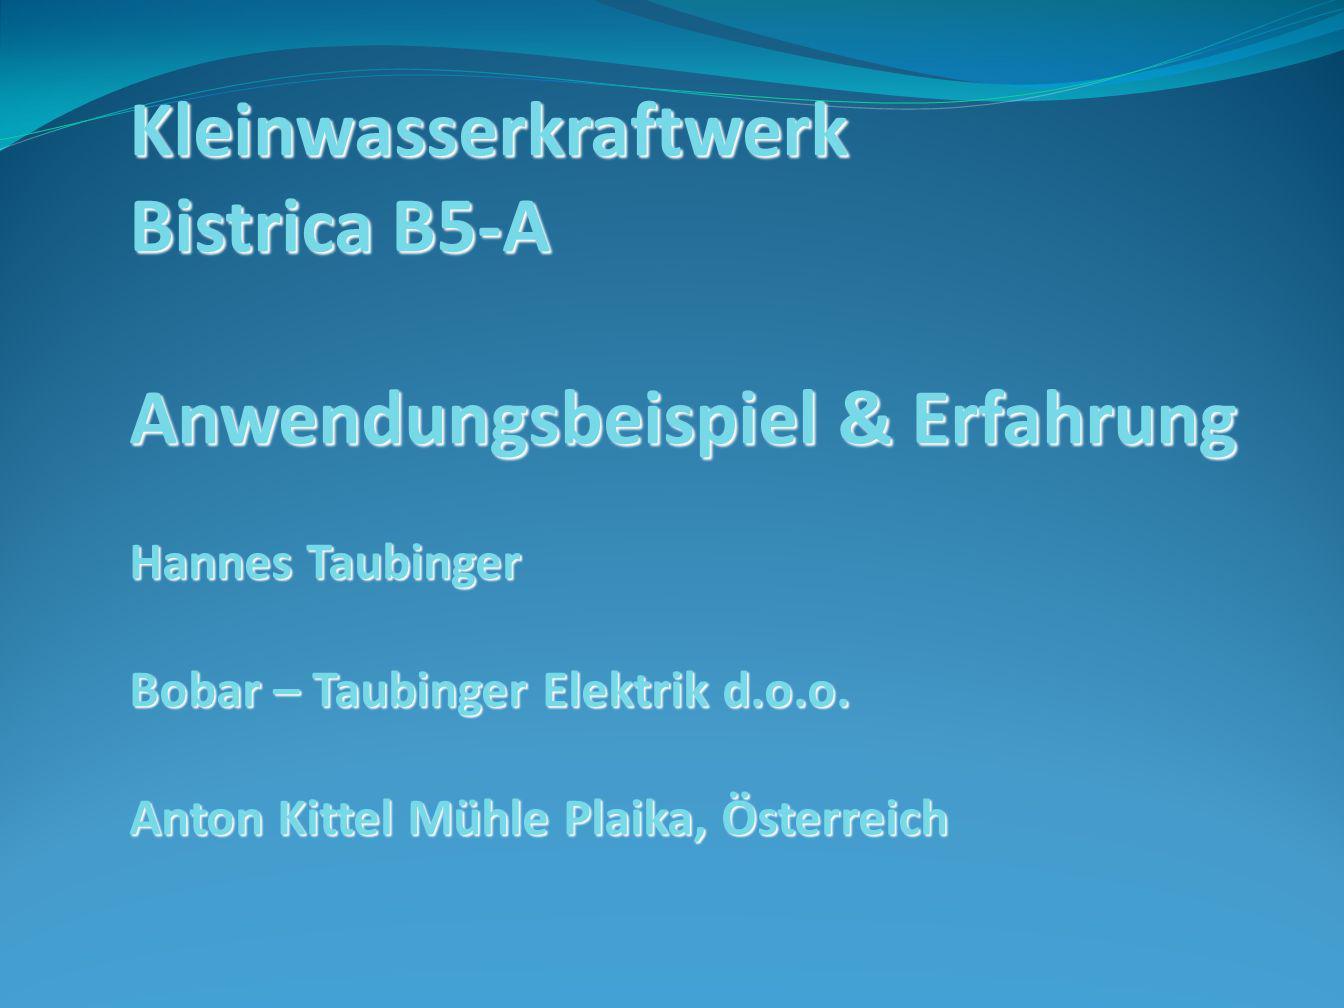 Kleinwasserkraftwerk Bistrica B5-A Anwendungsbeispiel & Erfahrung ...